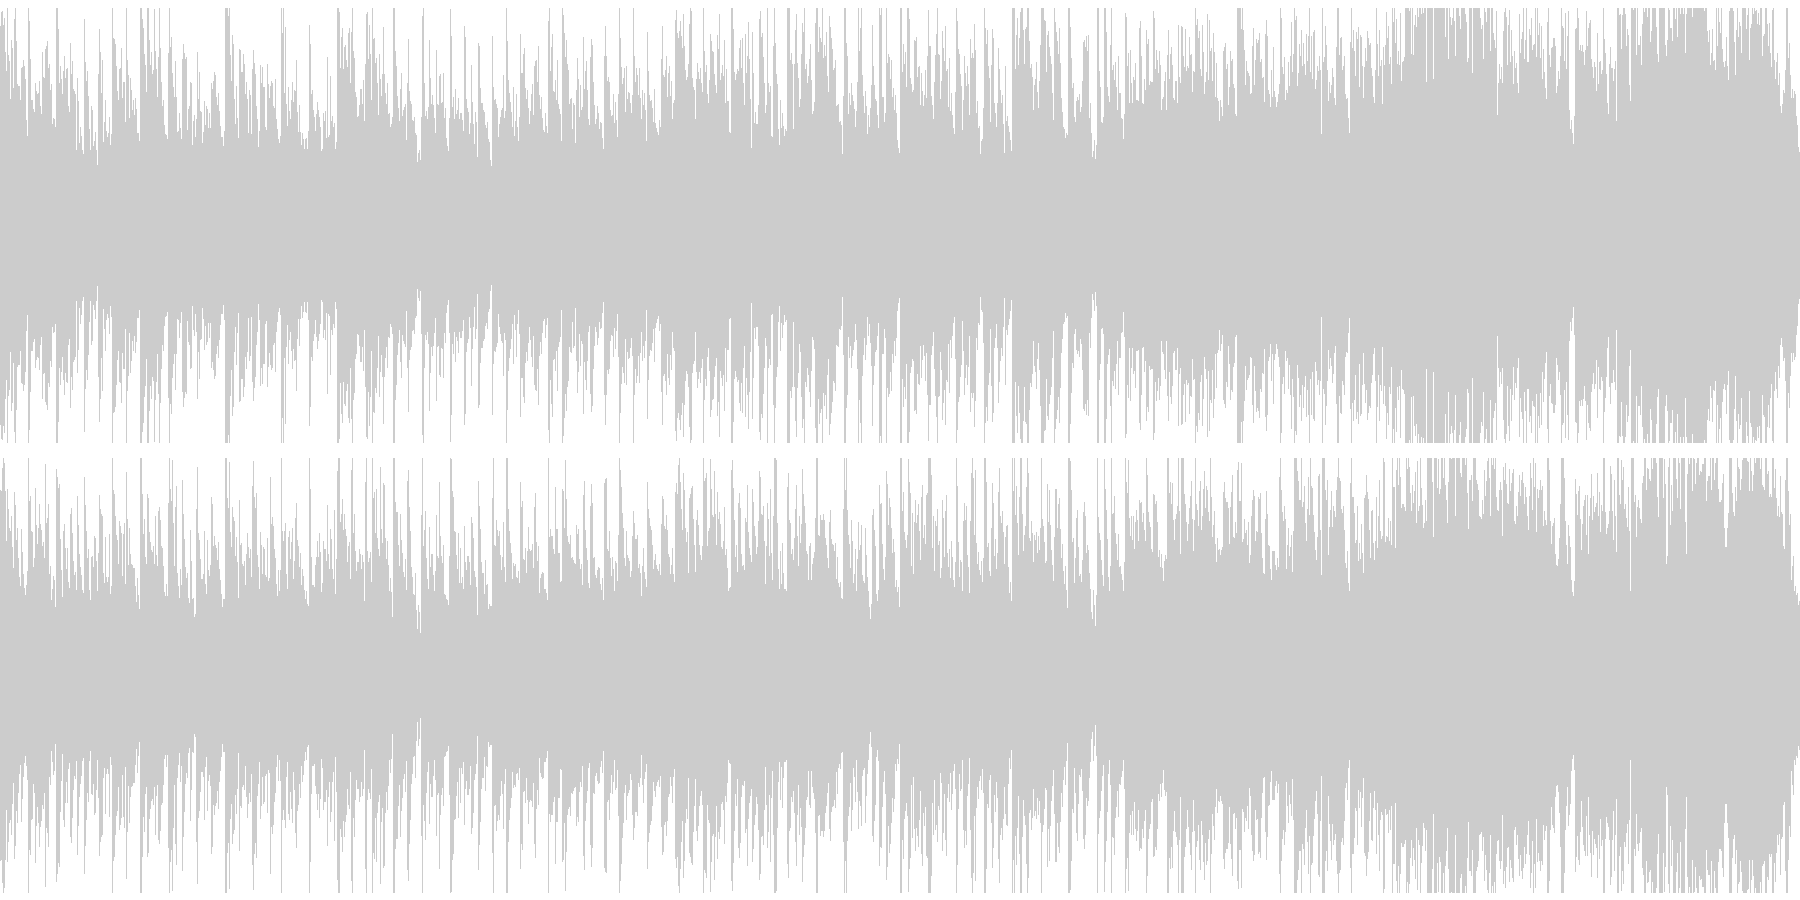 鐘のような音色の幻想的なエレクトロニカの未再生の波形